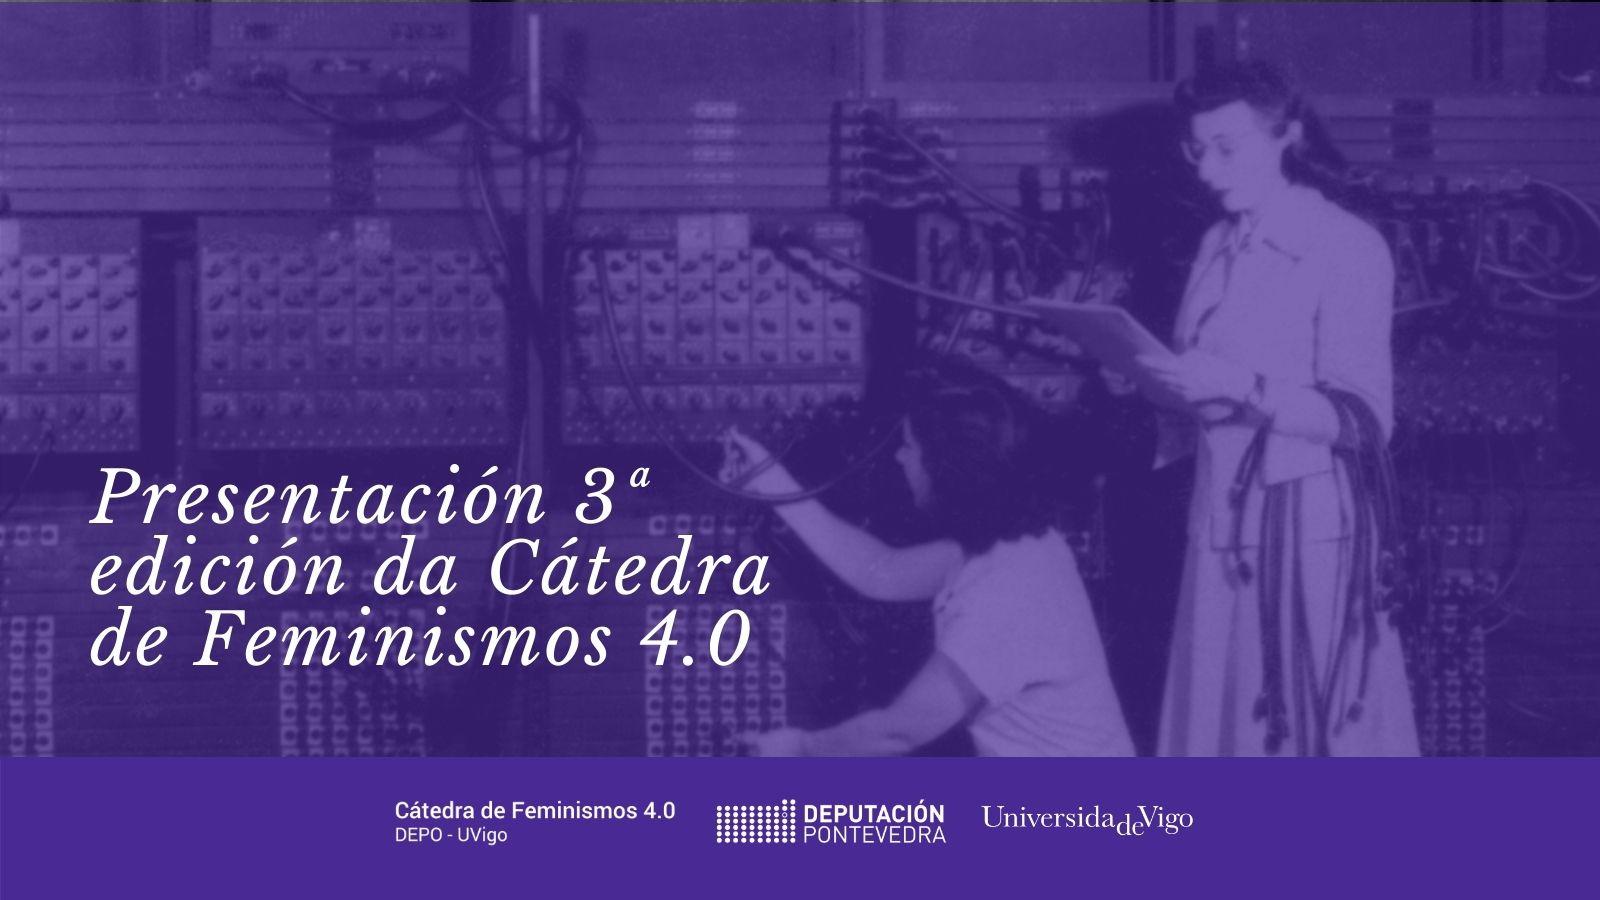 CATEDRA FEMINISMOS 40 - presentacion terceira edicion